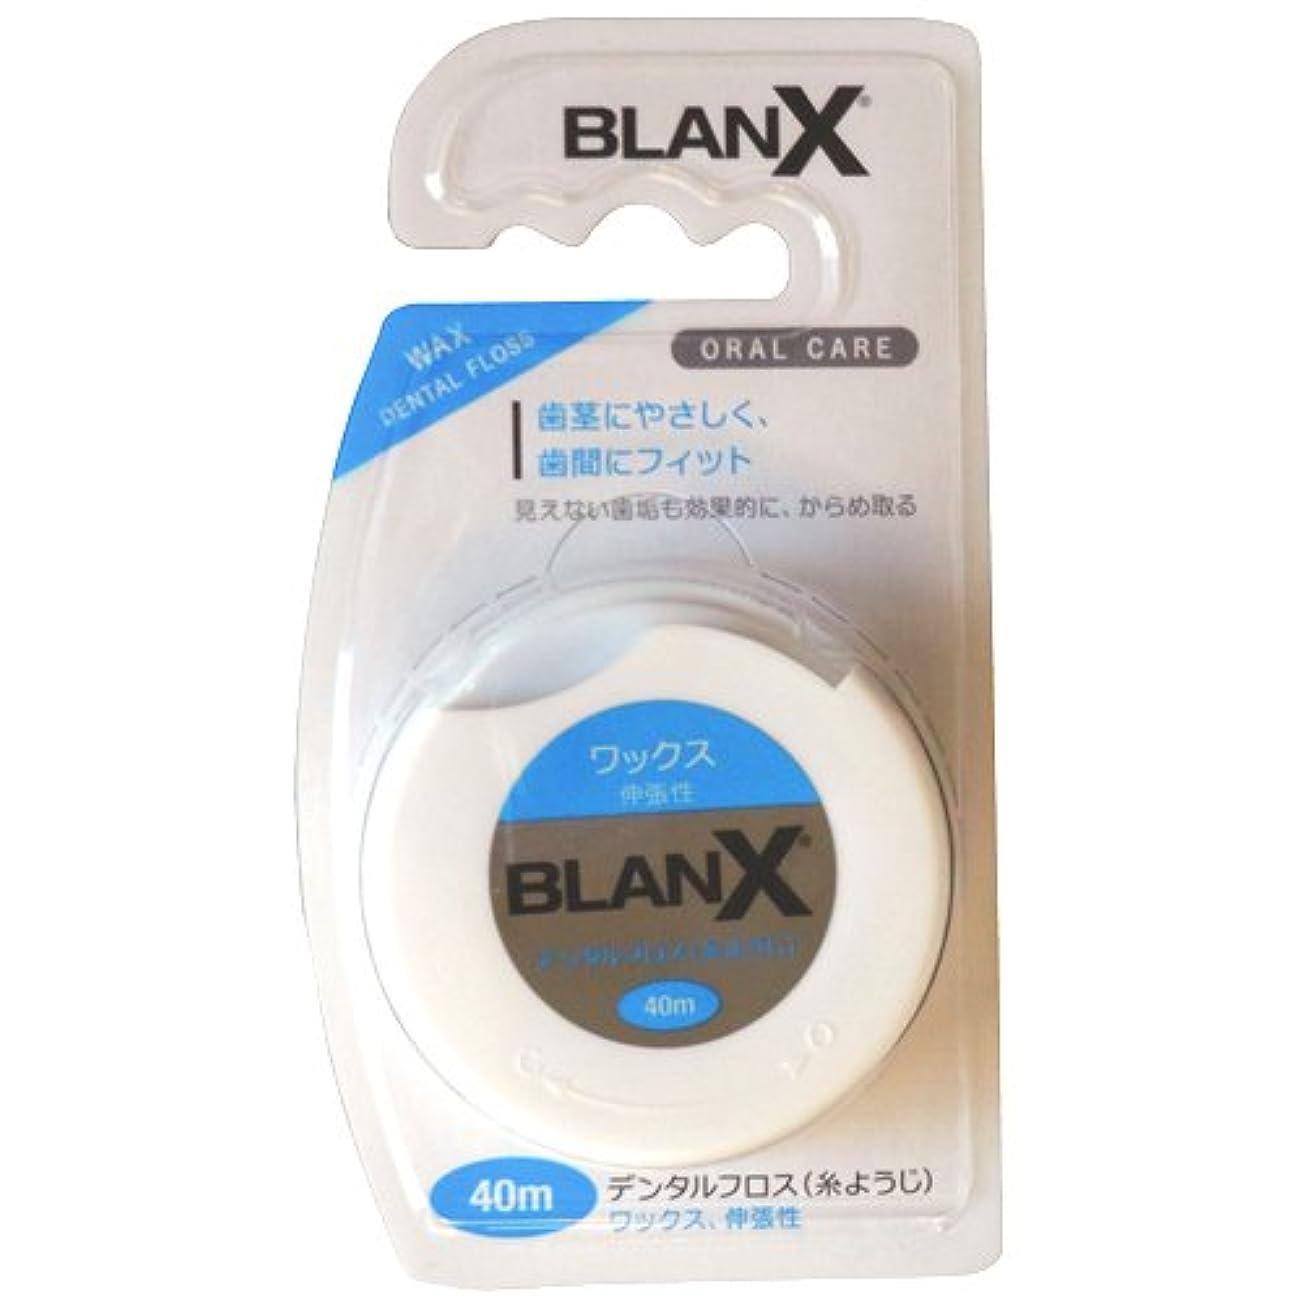 にぎやかファイナンス落胆するBLANX デンタルフロス 糸ようじ ワックス 伸張性 40m